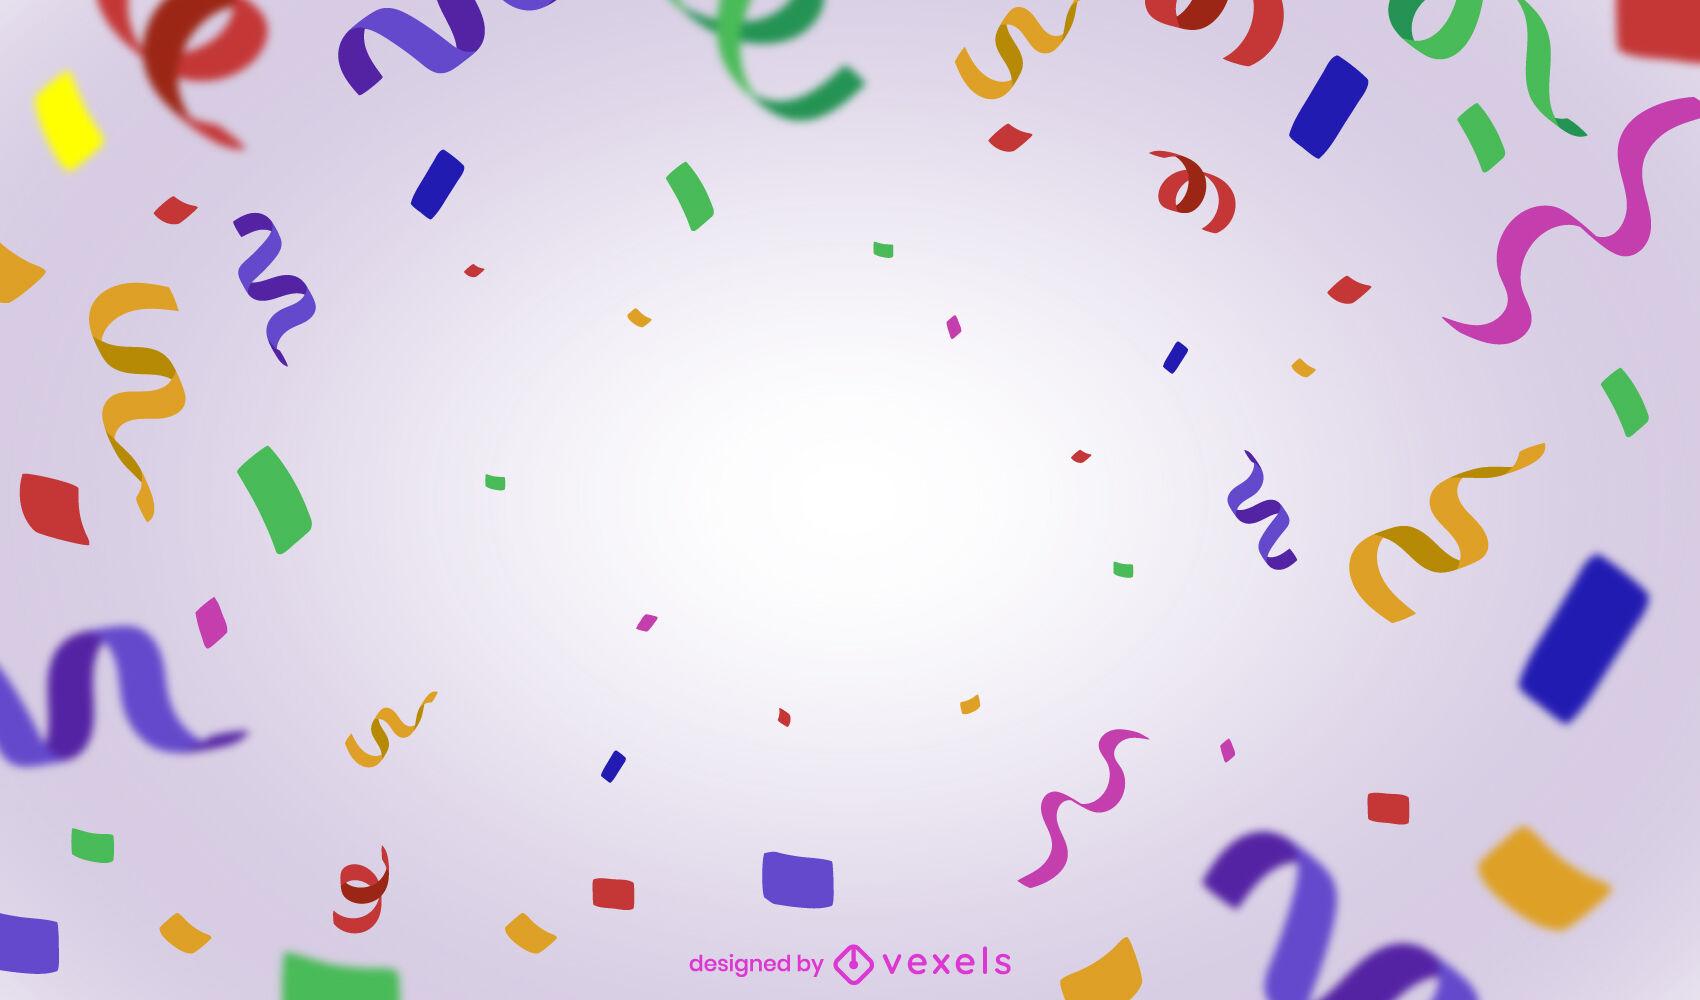 Party confetti colorful background design